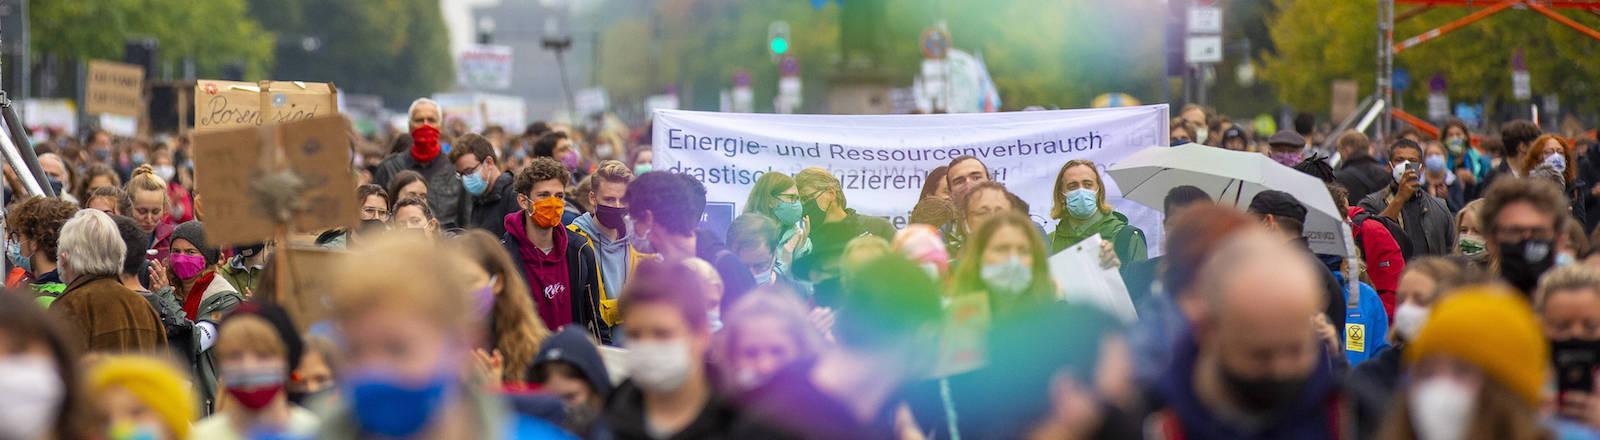 Demonstrierende mit Mund-Nase-Masken am 25. September 2020 vor der Siegessäule in Berlin.